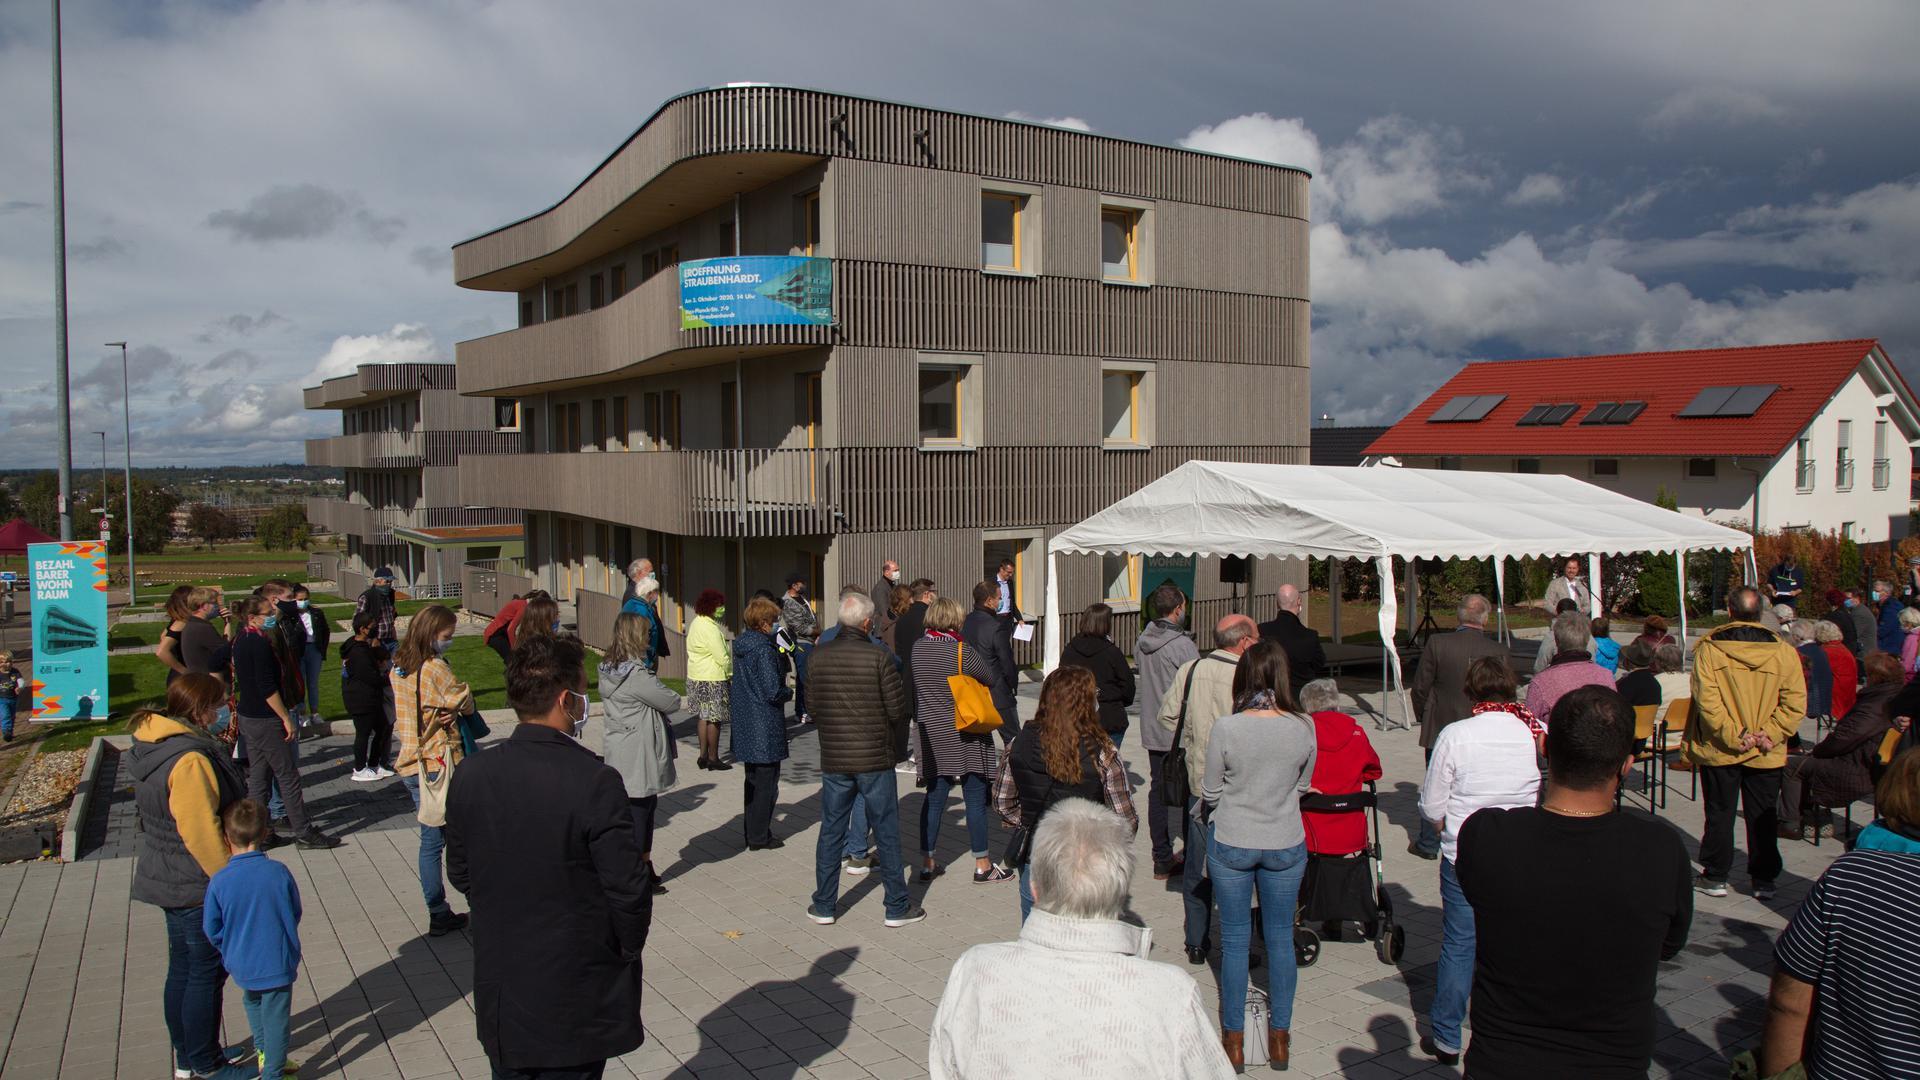 Neubau mit zahlreichen Gästen bei der Eröffnung